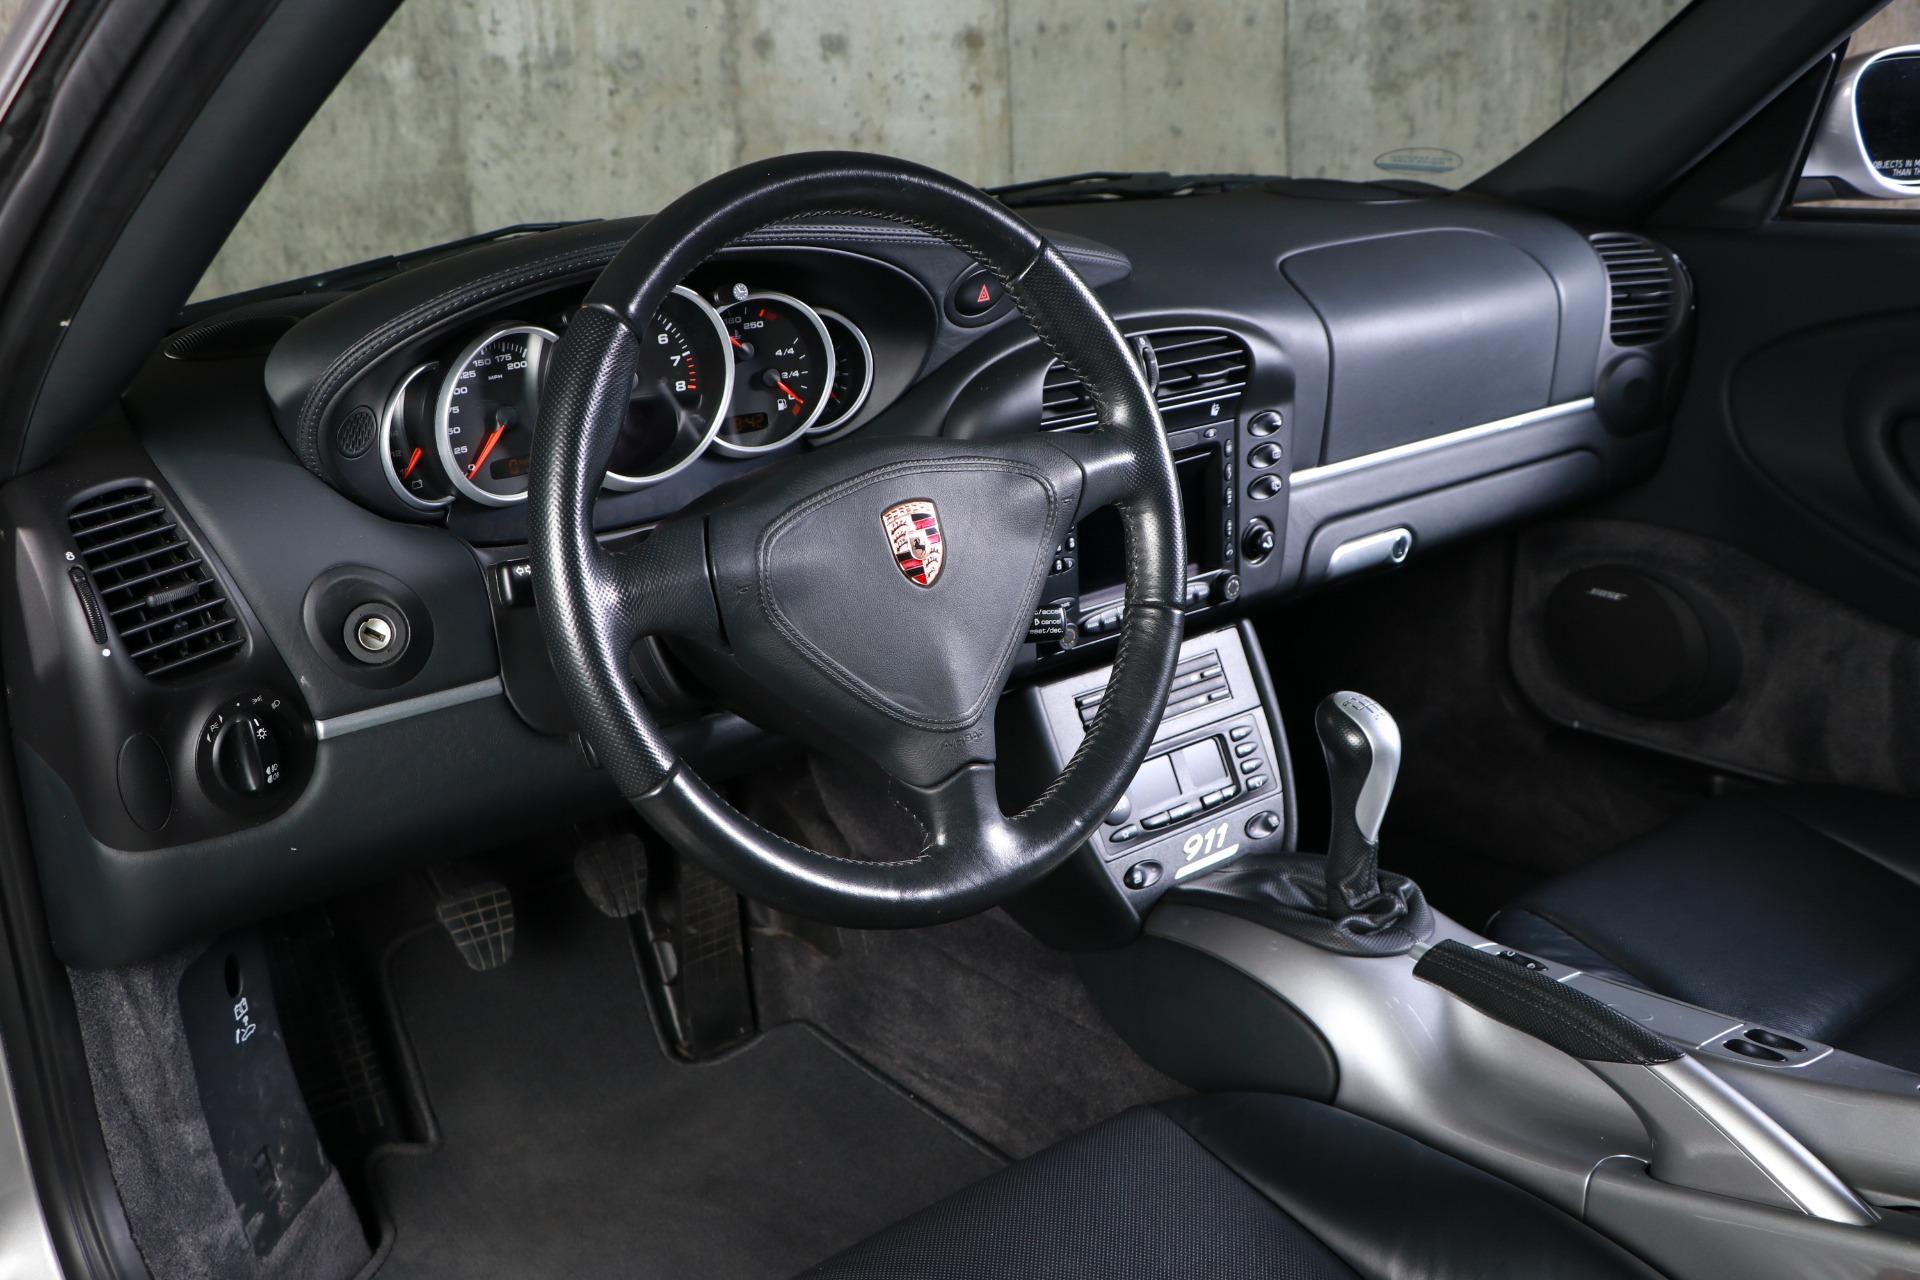 Used 2004 Porsche 911 Carrera 40th Anniversary Edition | Glen Cove, NY